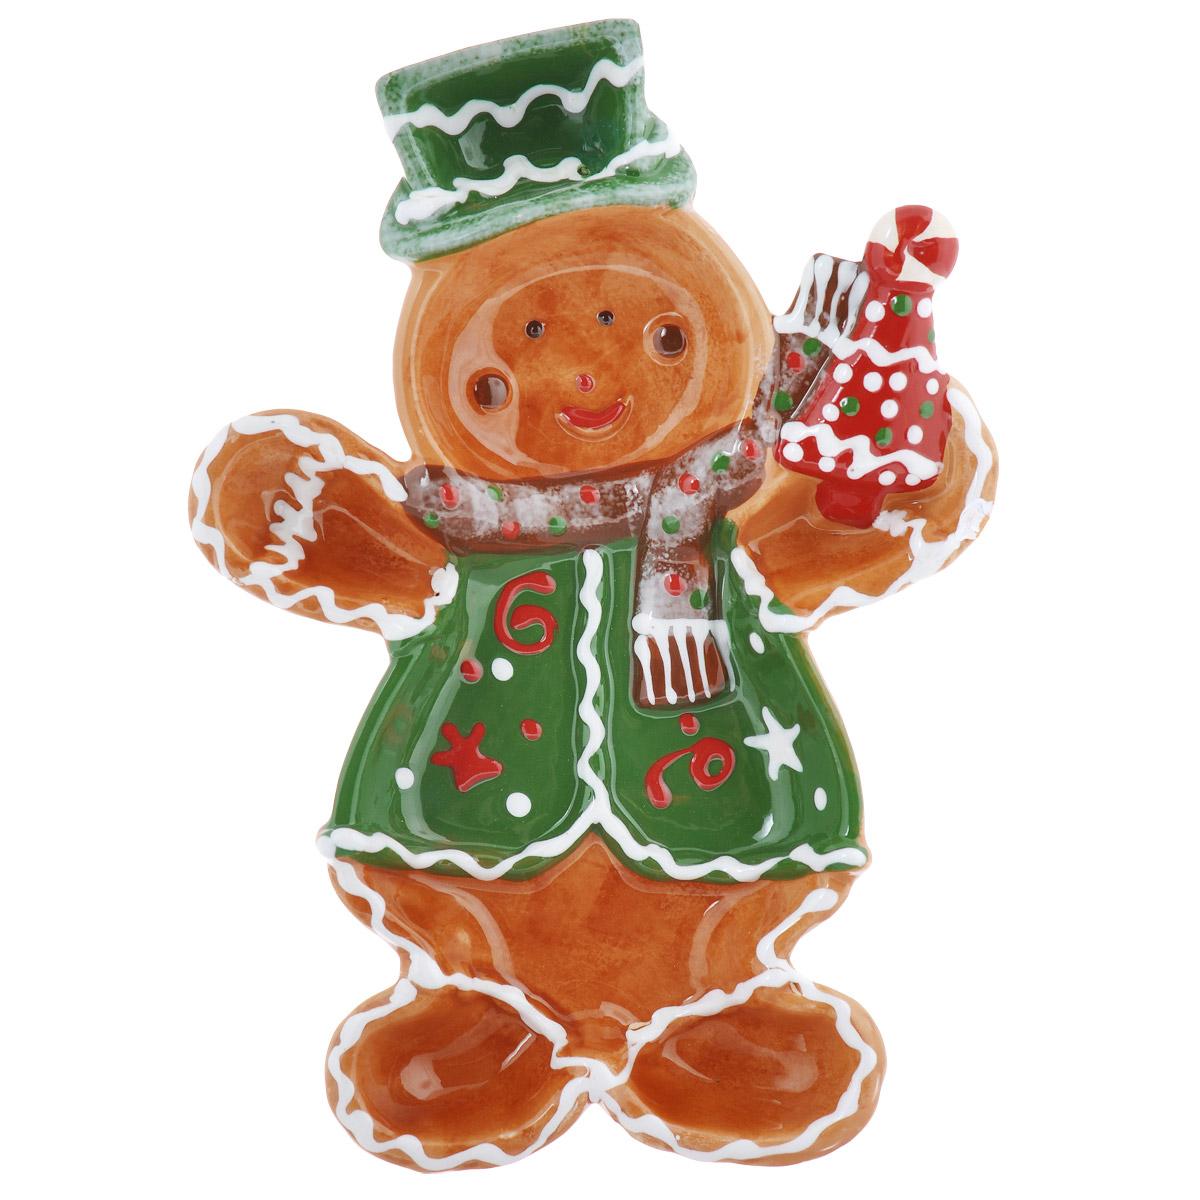 Блюдо House & Holder Снеговик, 18,5 см х 26 см х 3 смYM121248-2B/C зеленыйБлюдо House & Holder Снеговик выполнено из высококачественного фаянса в виде снеговика и имеет отделение для соуса. Такое блюдо можно использовать для подачи закусок. Оригинальный дизайн блюда House & Holder Снеговик идеально впишется в интерьер вашей кухни или будет достойным подарком для родных и друзей.